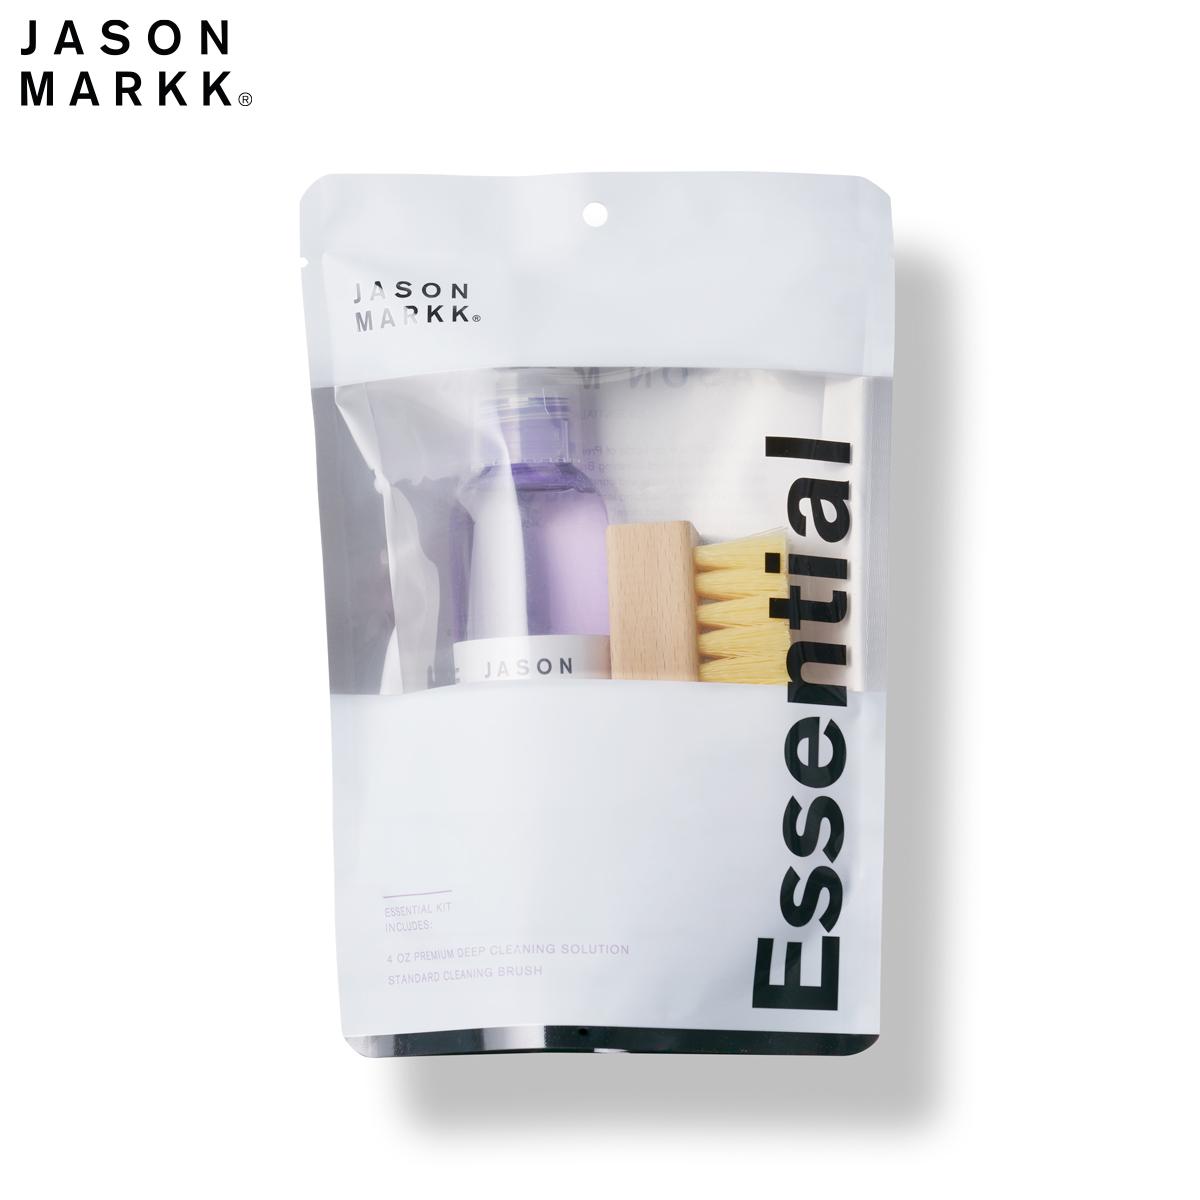 送料無料対象外 スニーカーシャンプー 掃除 メンテナンス ケア お手入れ レザー スウェード スエード あらゆる素材に対応 靴磨き メイルオーダー 公式ストア 洗い スニーカークリーナー 洗剤 あらゆる素材に対応可能なクリーナー エッセンシャル KIT ジェイソンマーク MARKK 汚れ落とし ESSENTIAL キット JASON